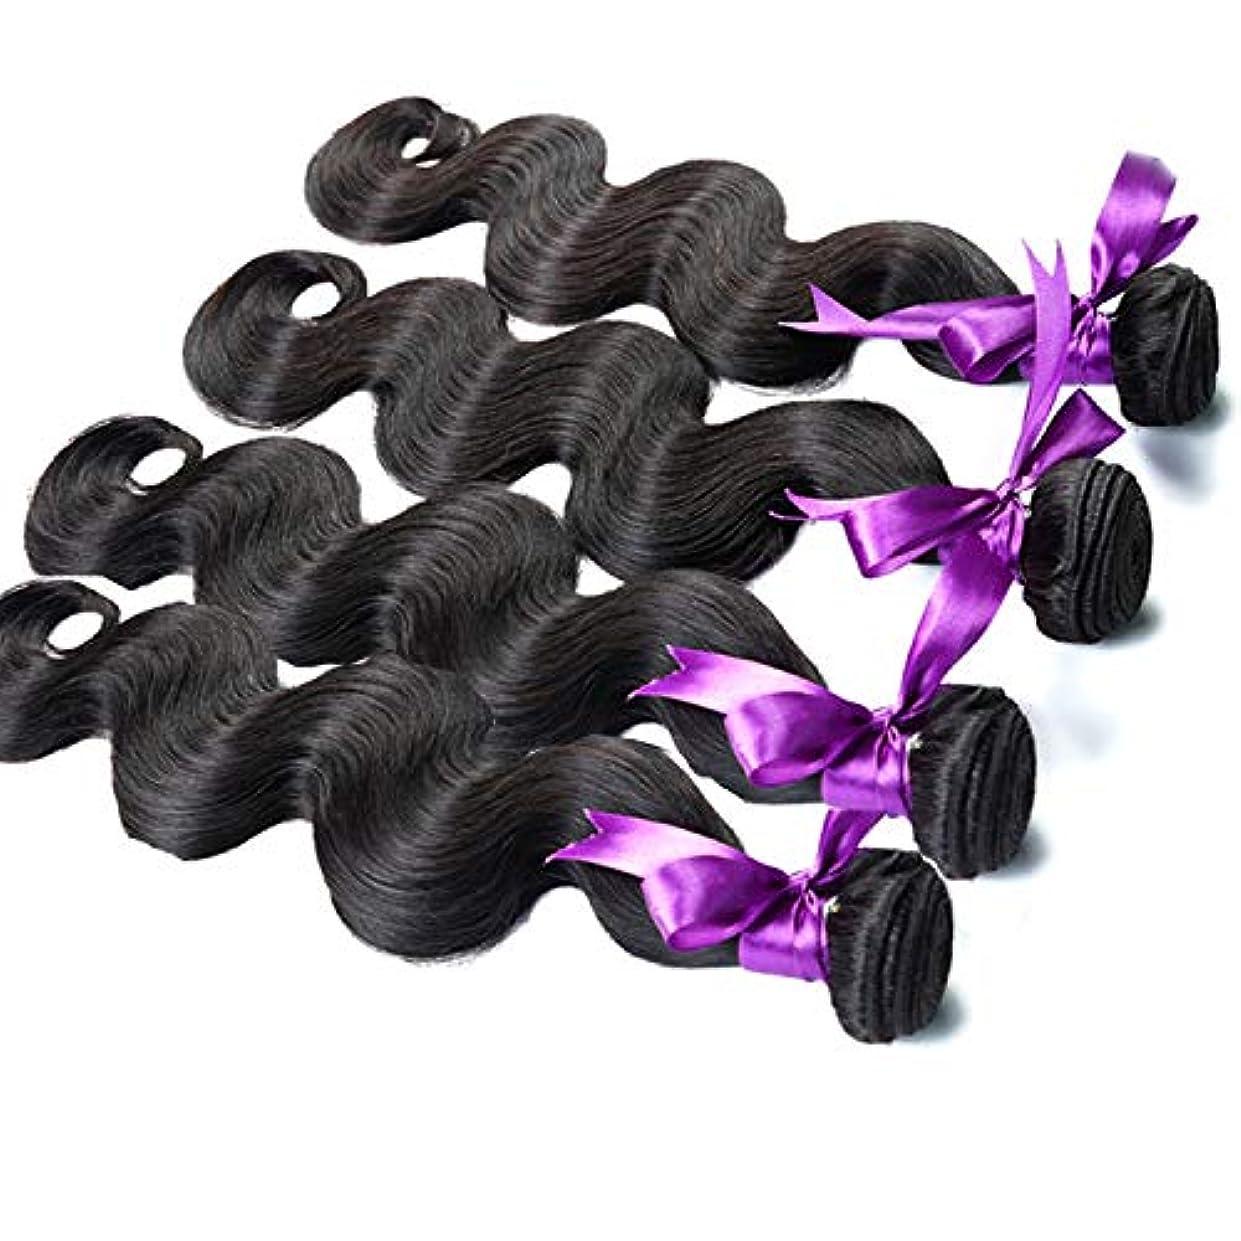 可愛い拡散する香水ヘアエクステンションヘア織り実体波ヘアバンドル8aグレード人間の髪織りナチュラルカラー非レミーヘアエクステンション12-28インチ4バンドル (Stretched Length : 16 18 20 22 inches)